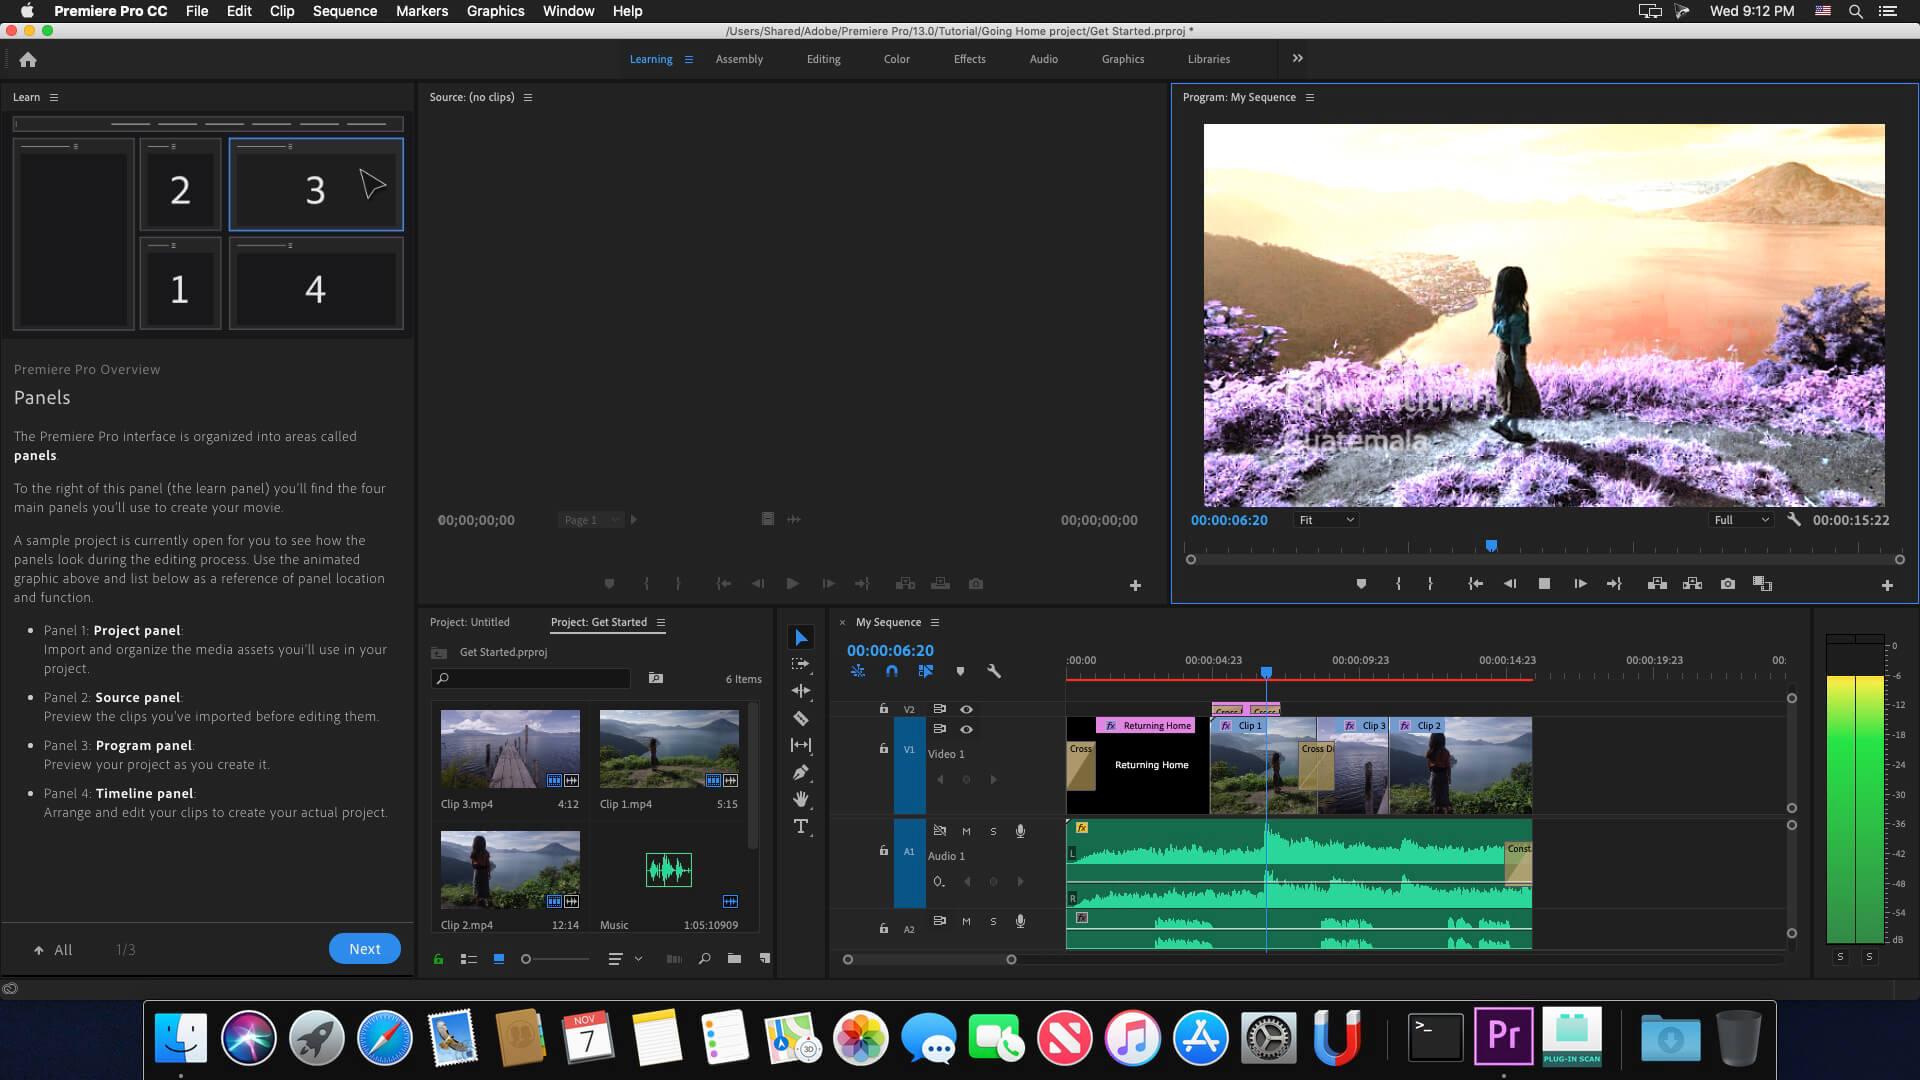 Adobe Premiere Pro Crack 2021 v15.0 for Mac